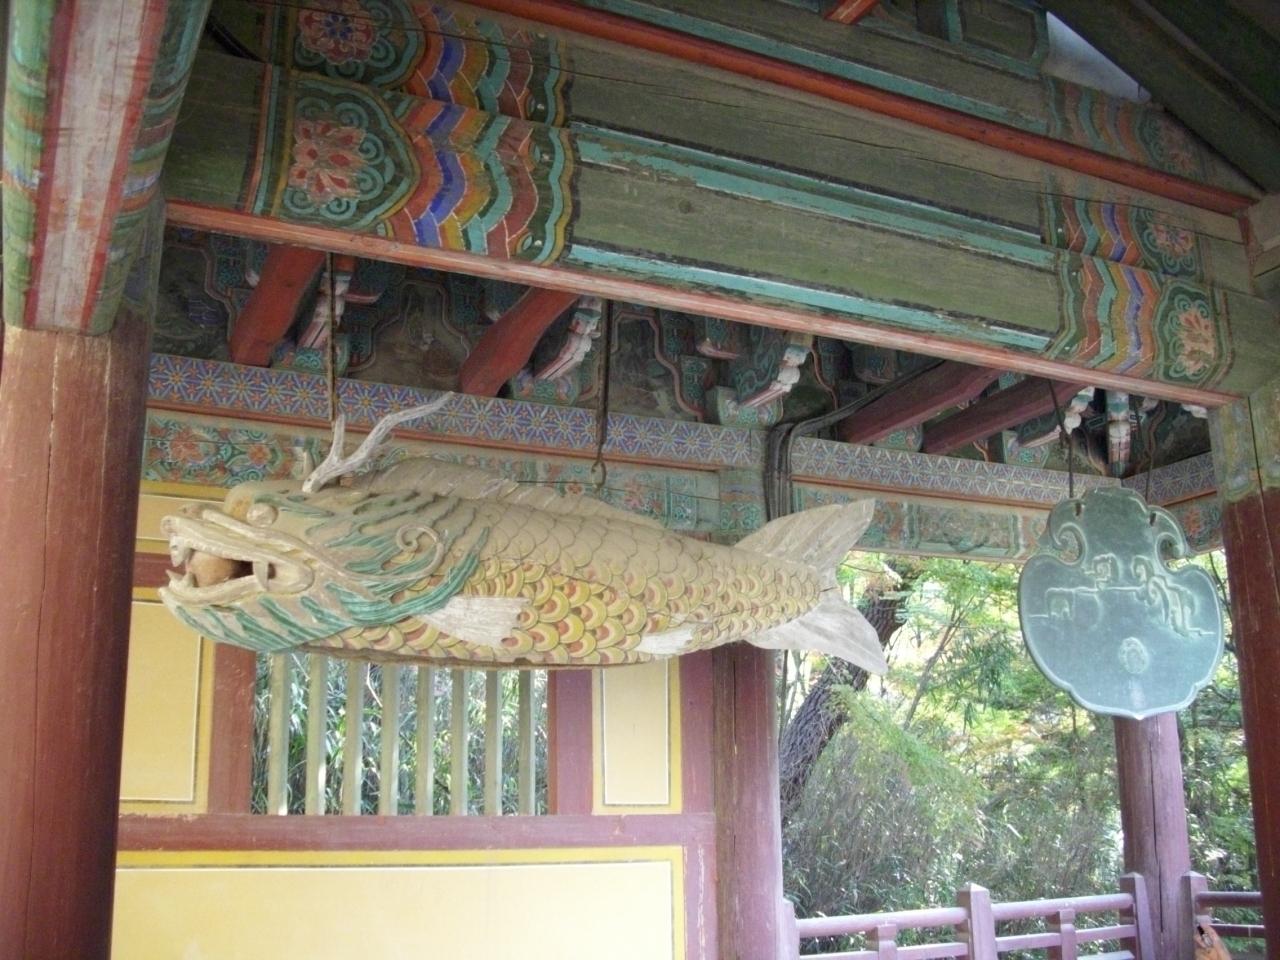 石窟庵と仏国寺の画像 p1_26